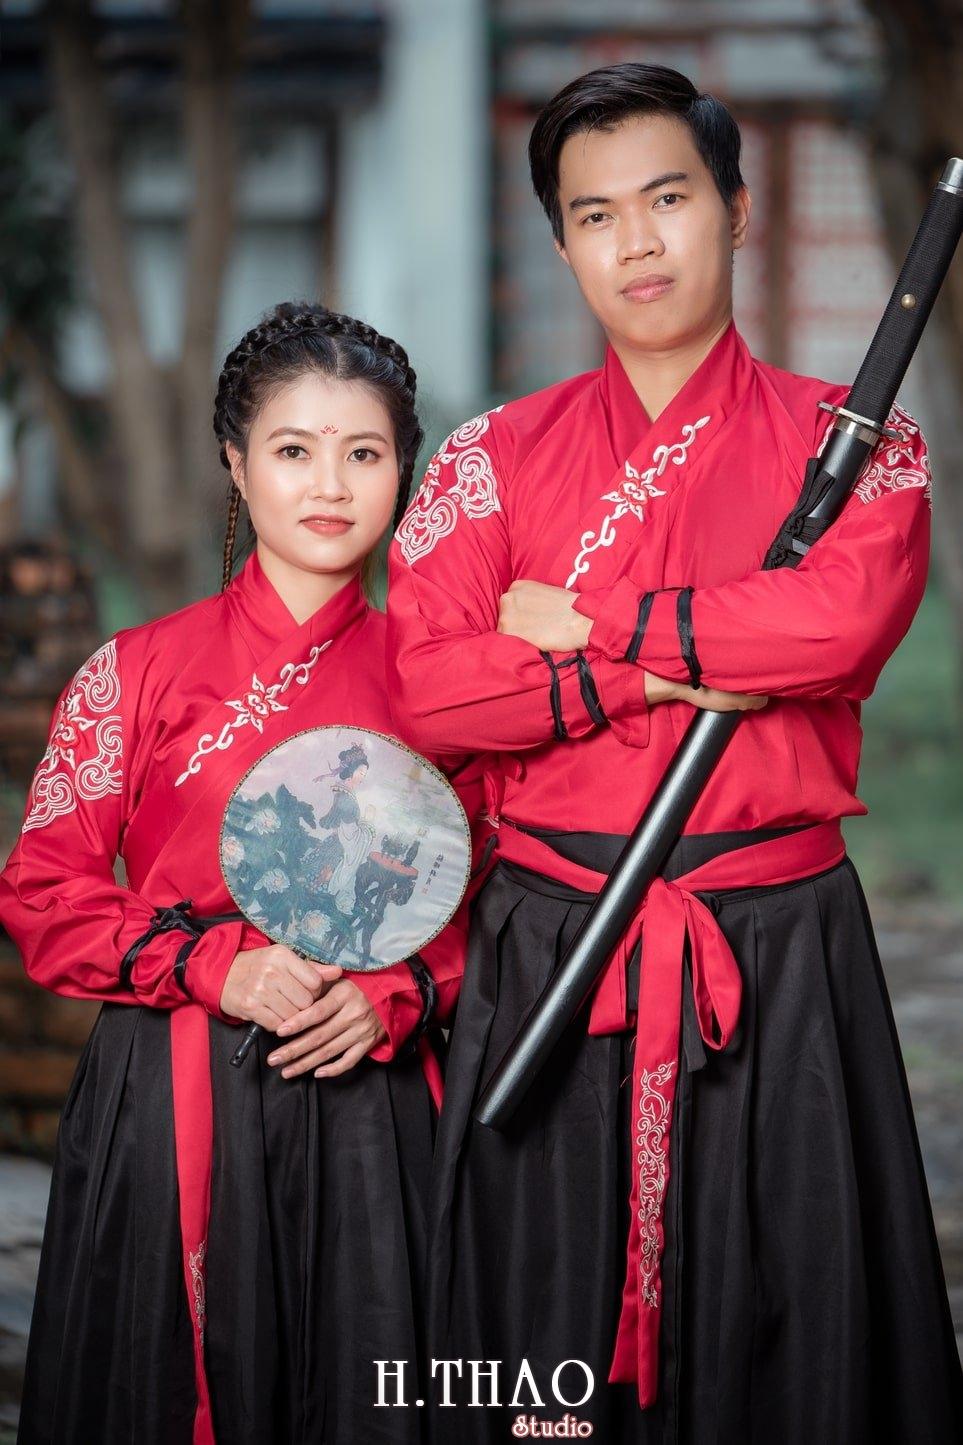 Couple co trang 17 - Album ảnh chụp cổ trang couple đôi bạn đẹp độc lạ - HThao Studio